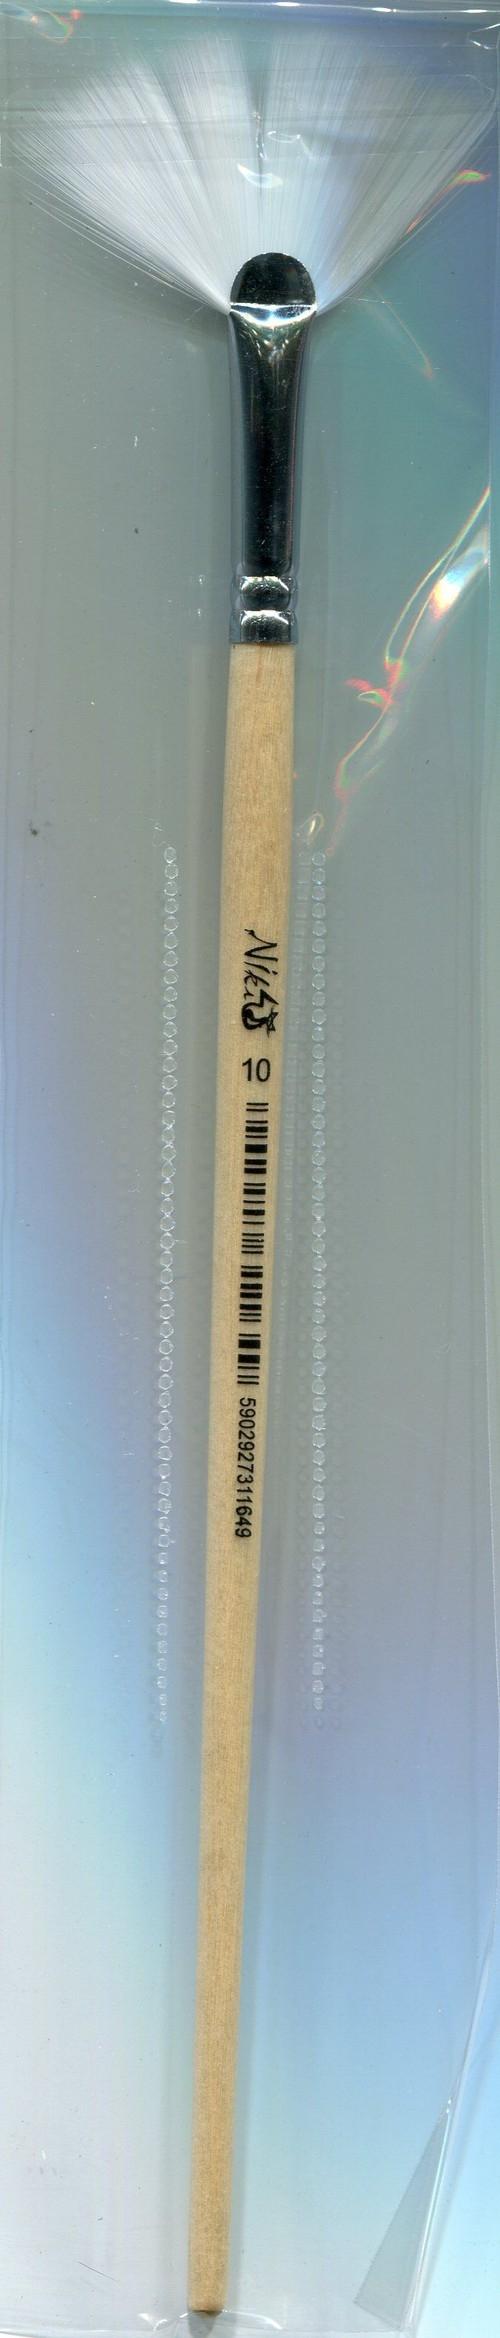 Pędzle nylonowe Niki-4 wachlarzowy nr 10 12 sztuk